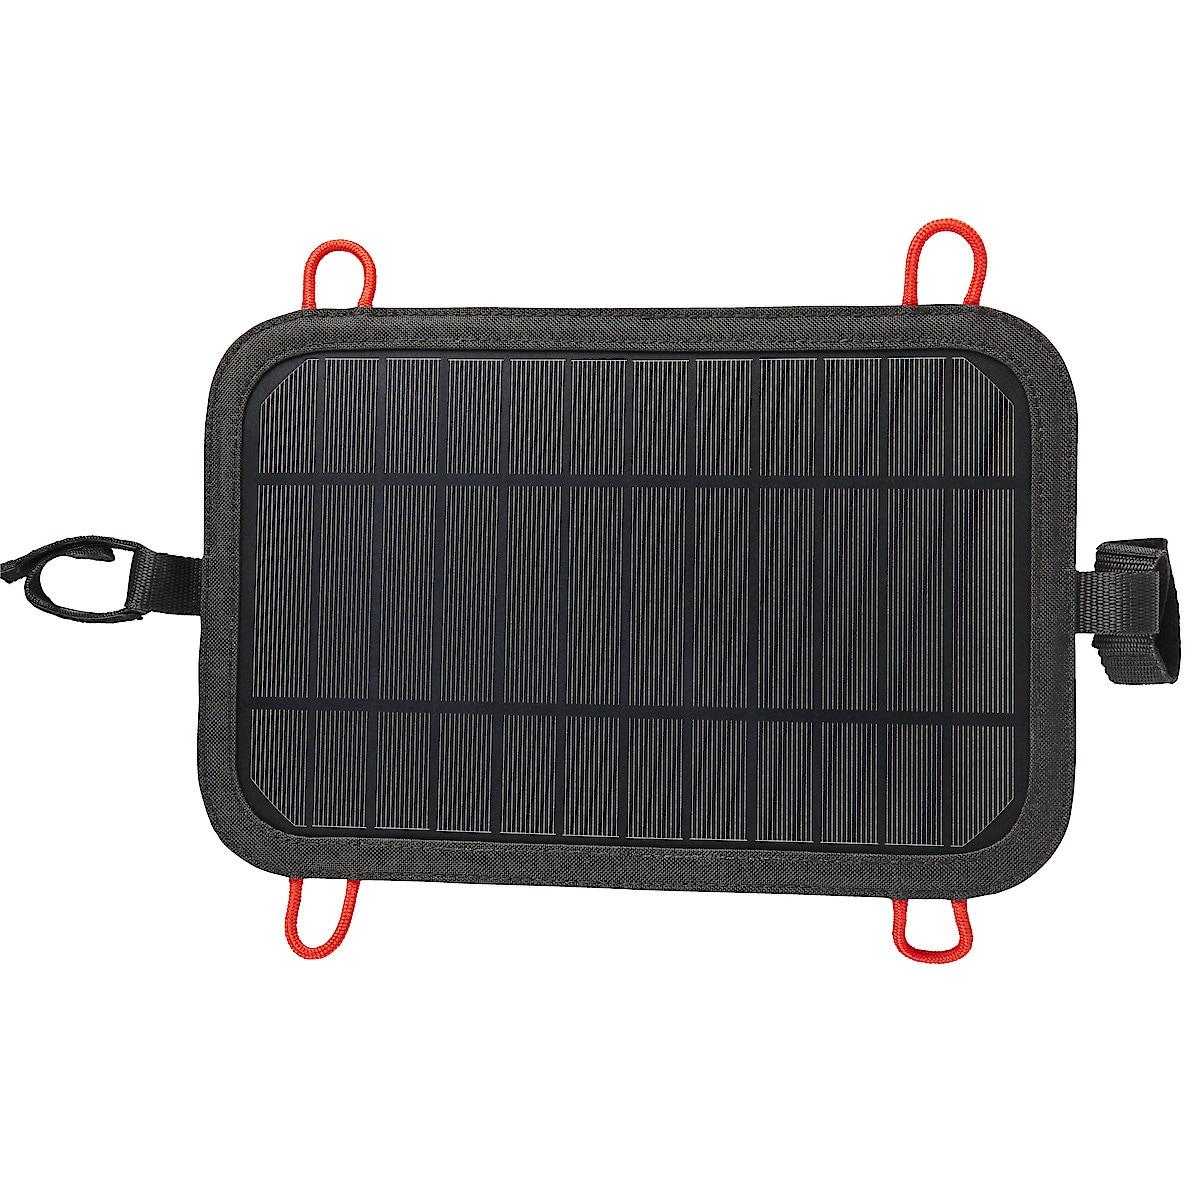 USB-aurinkokennolaturi 6 W, Exibel